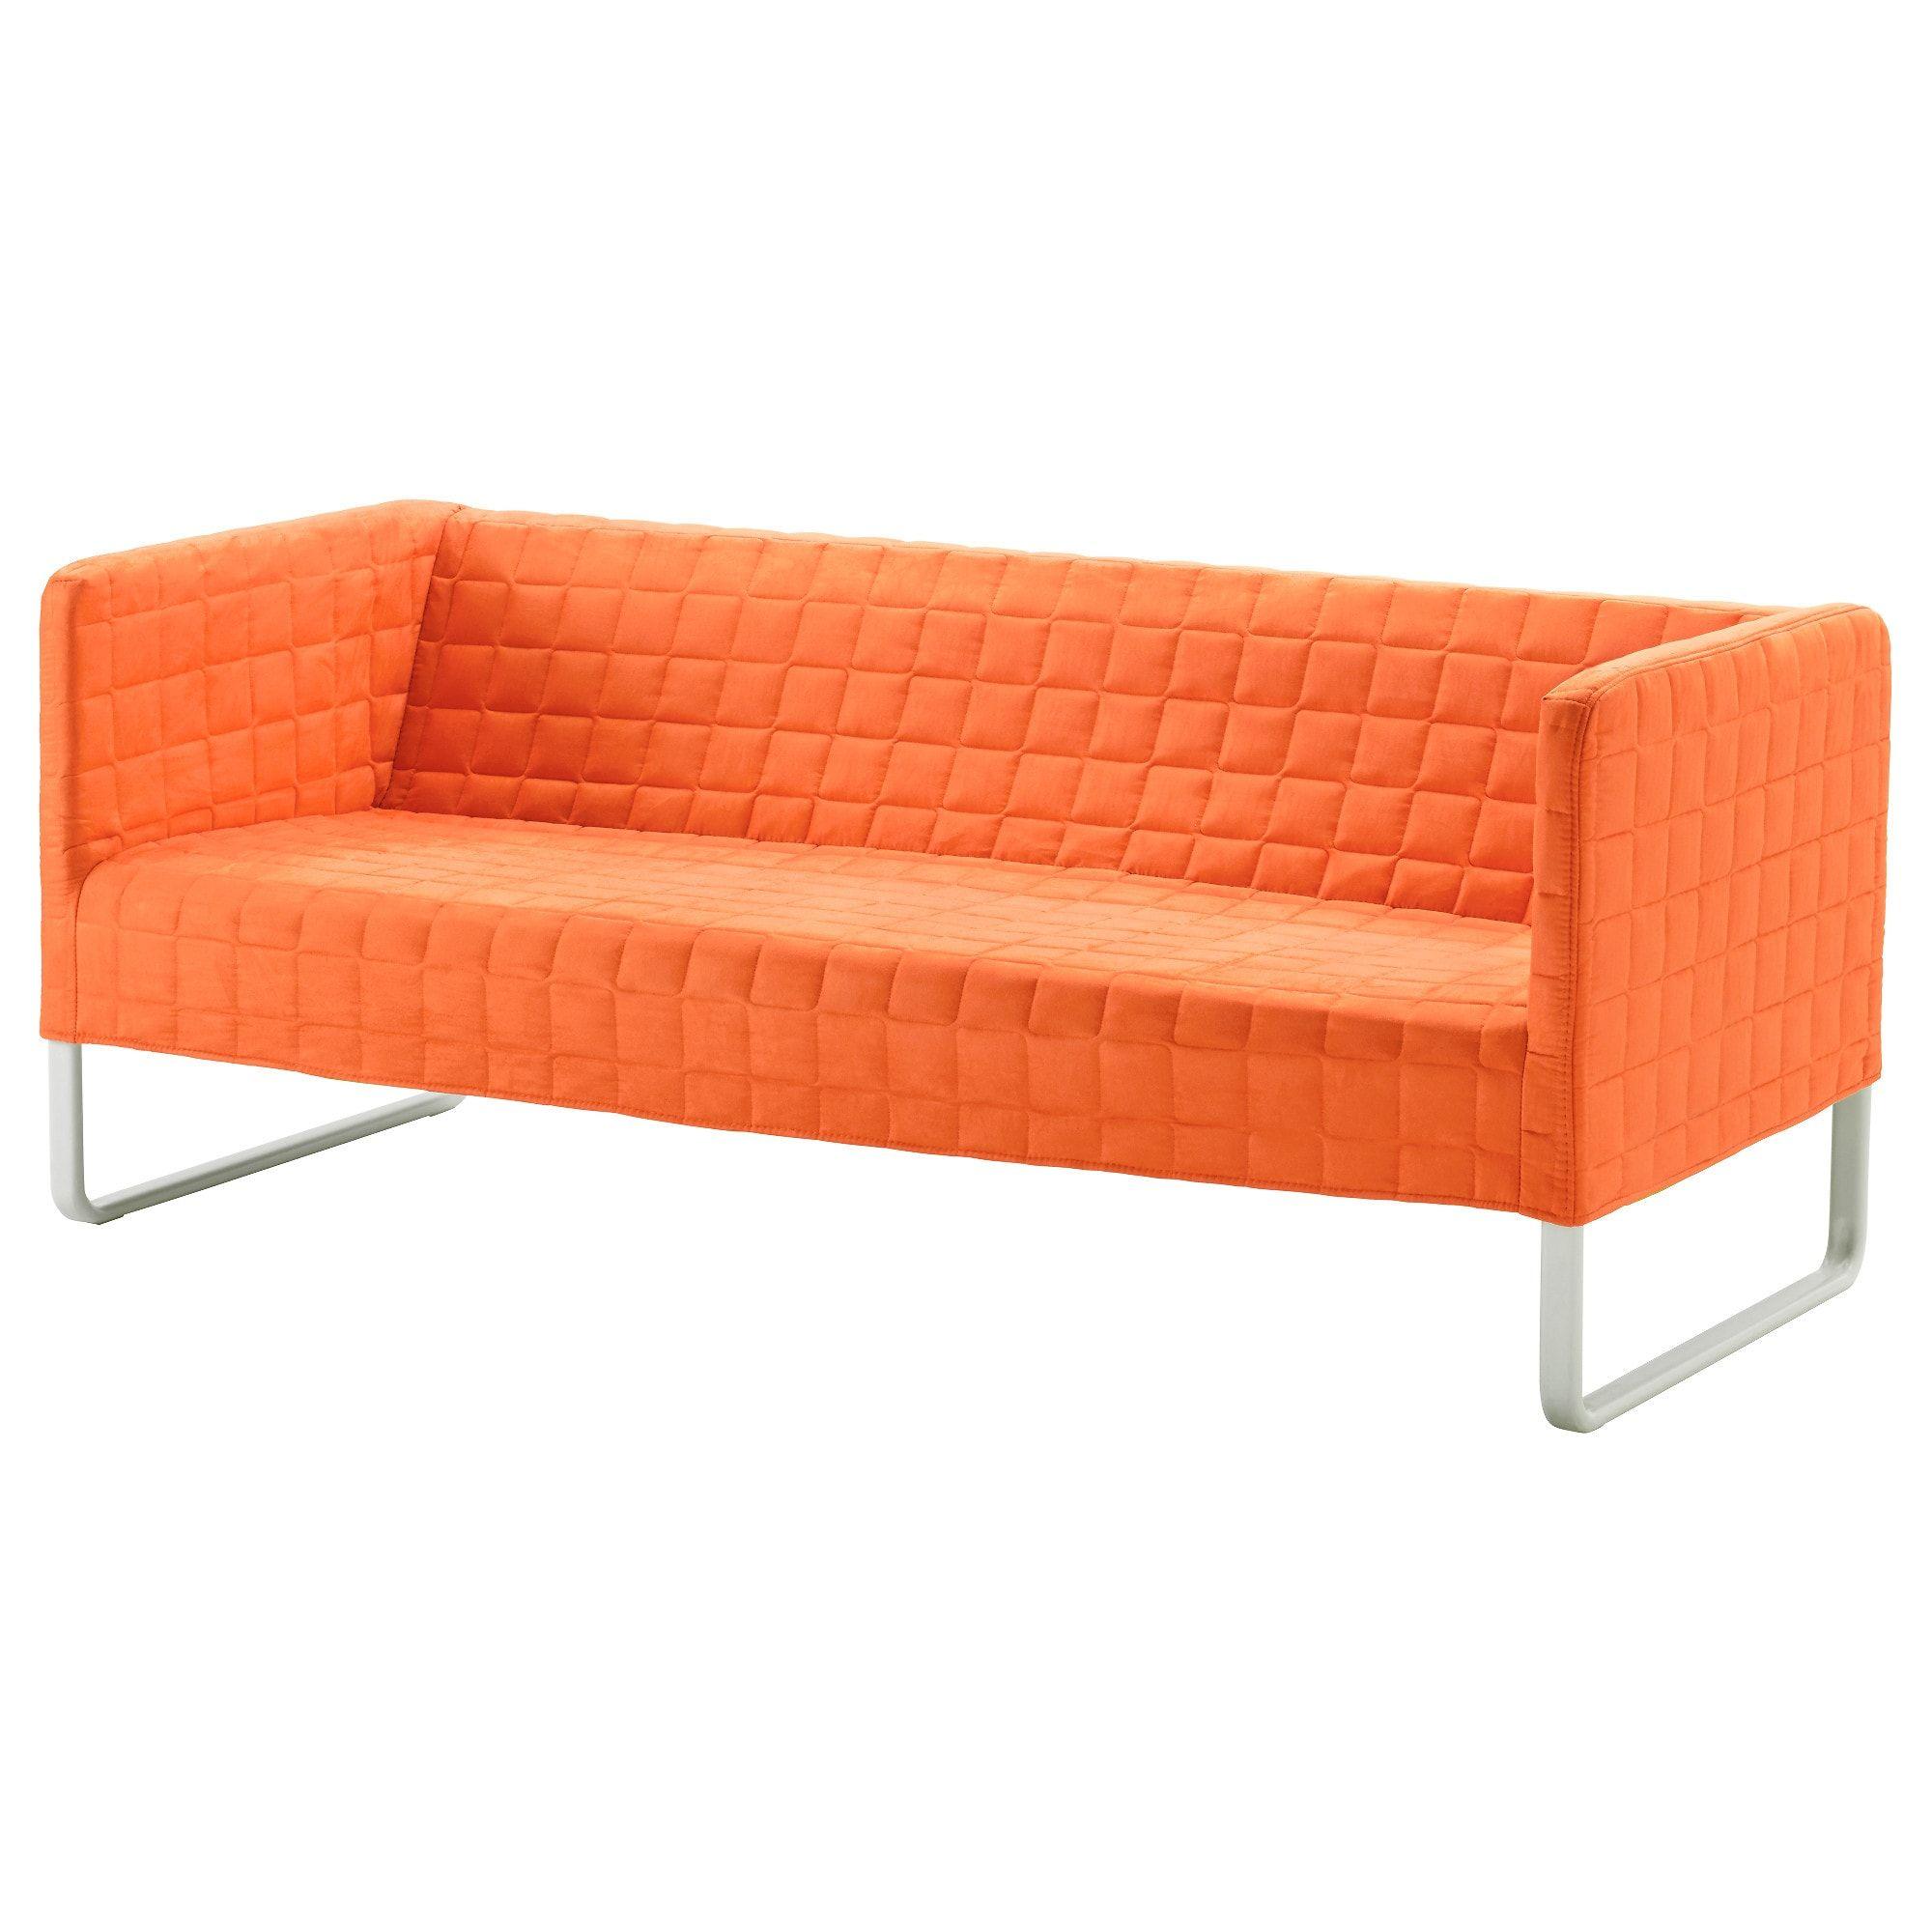 Ikea Us Furniture And Home Furnishings Ikea Loveseat Ikea Sofa Ikea Small Sofa